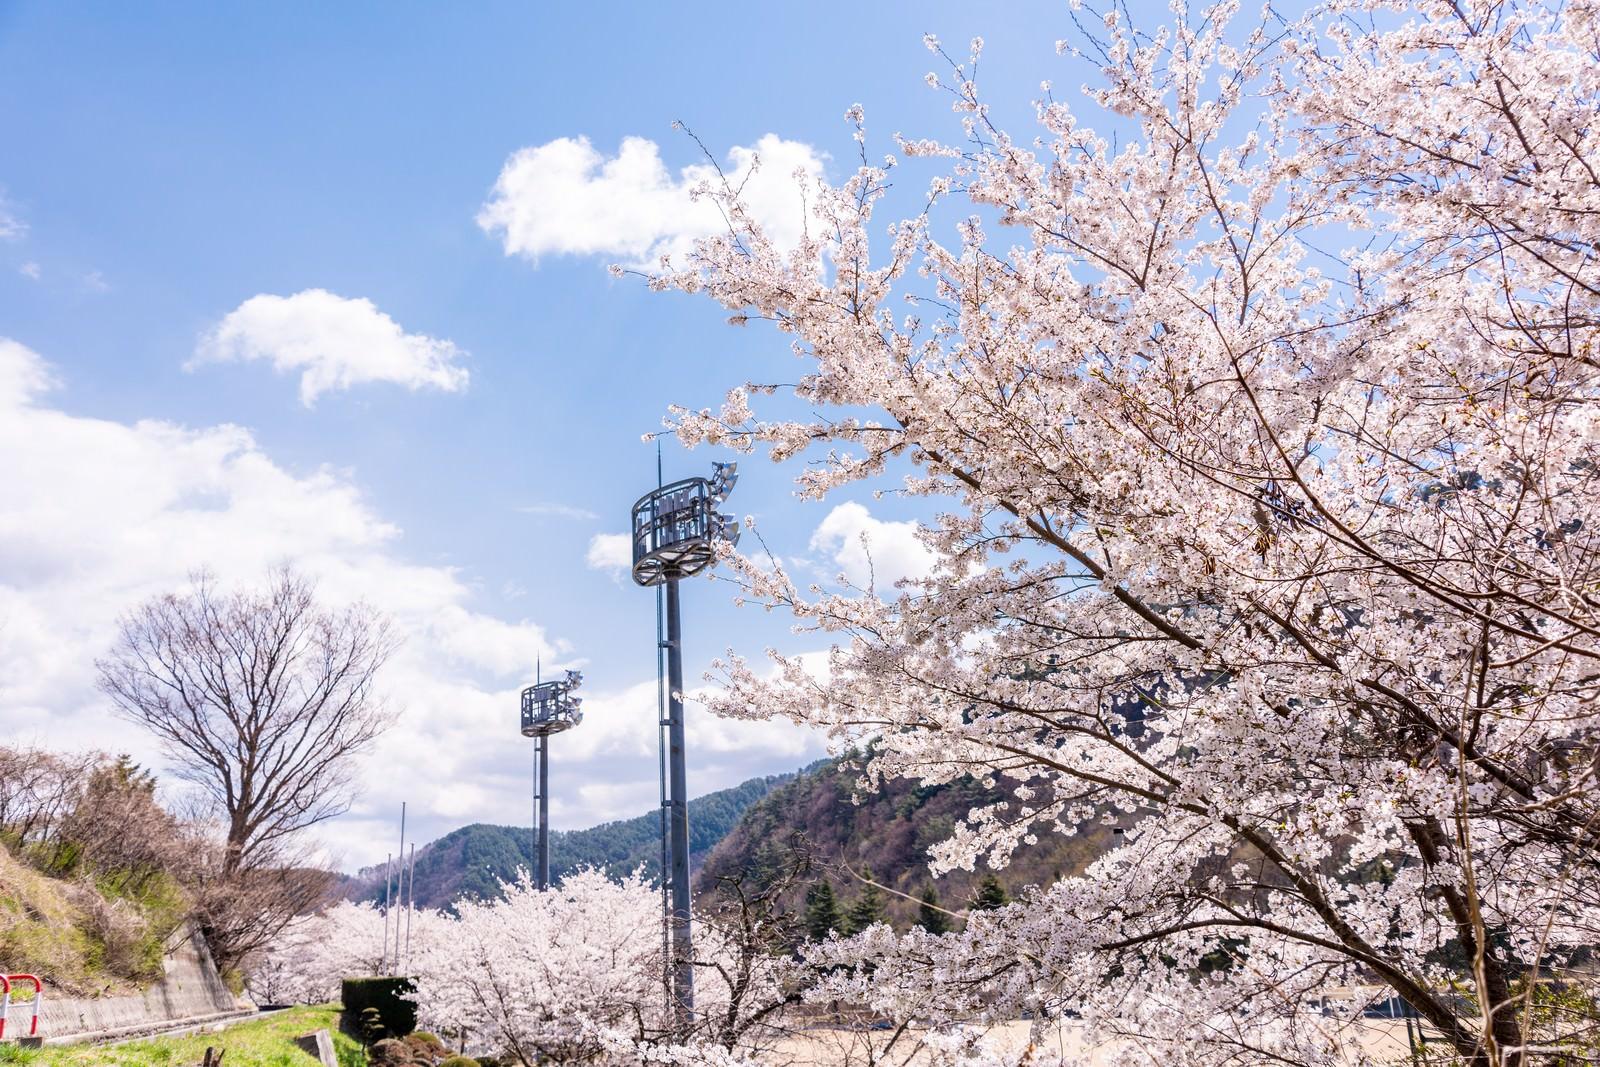 「並木桜とグラウンド照明(武石グラウンド)」の写真